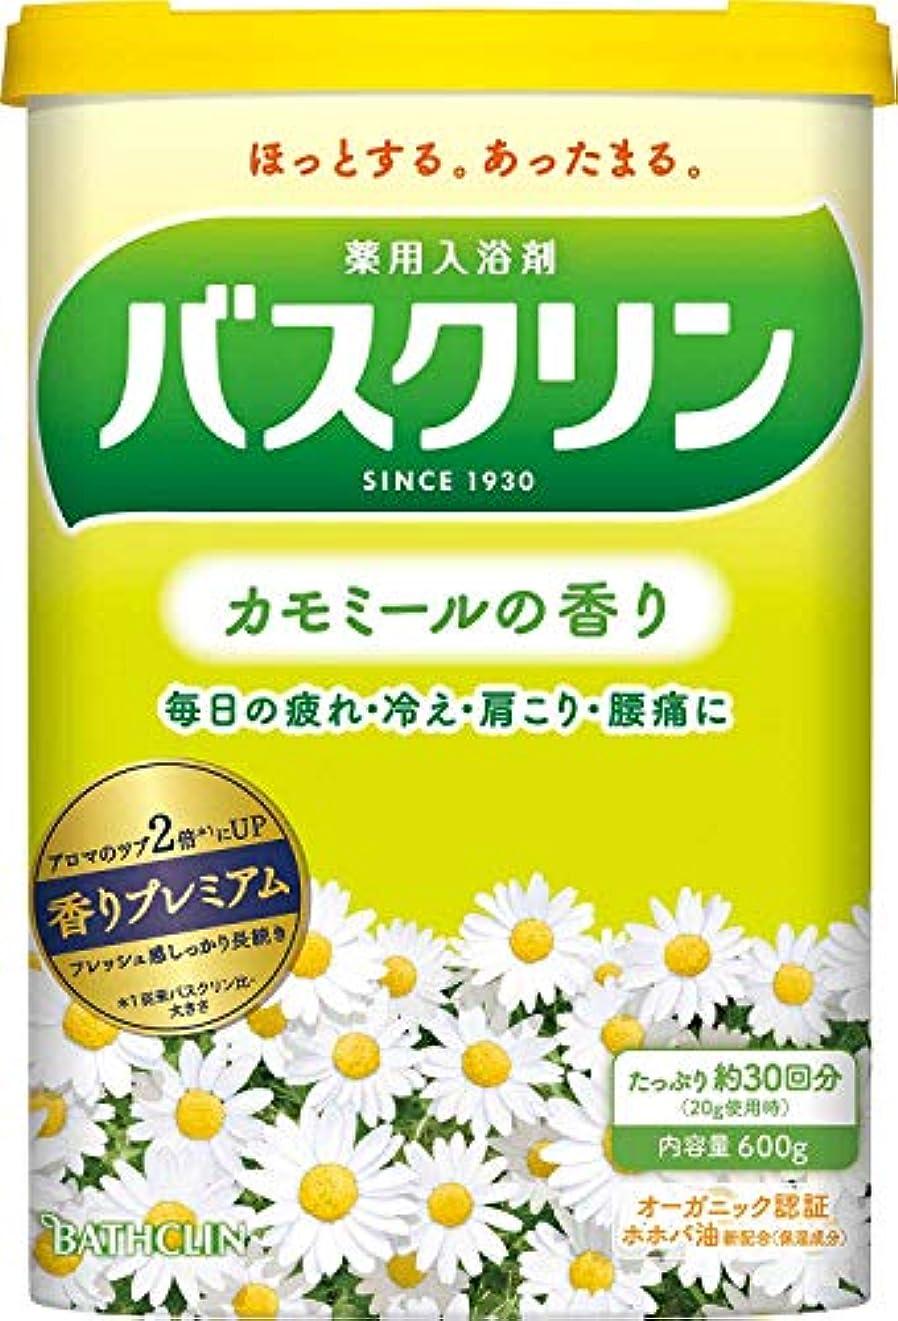 ミスペンドポジション遅れ【医薬部外品】バスクリン入浴剤 カモミールの香り600g(約30回分) 疲労回復